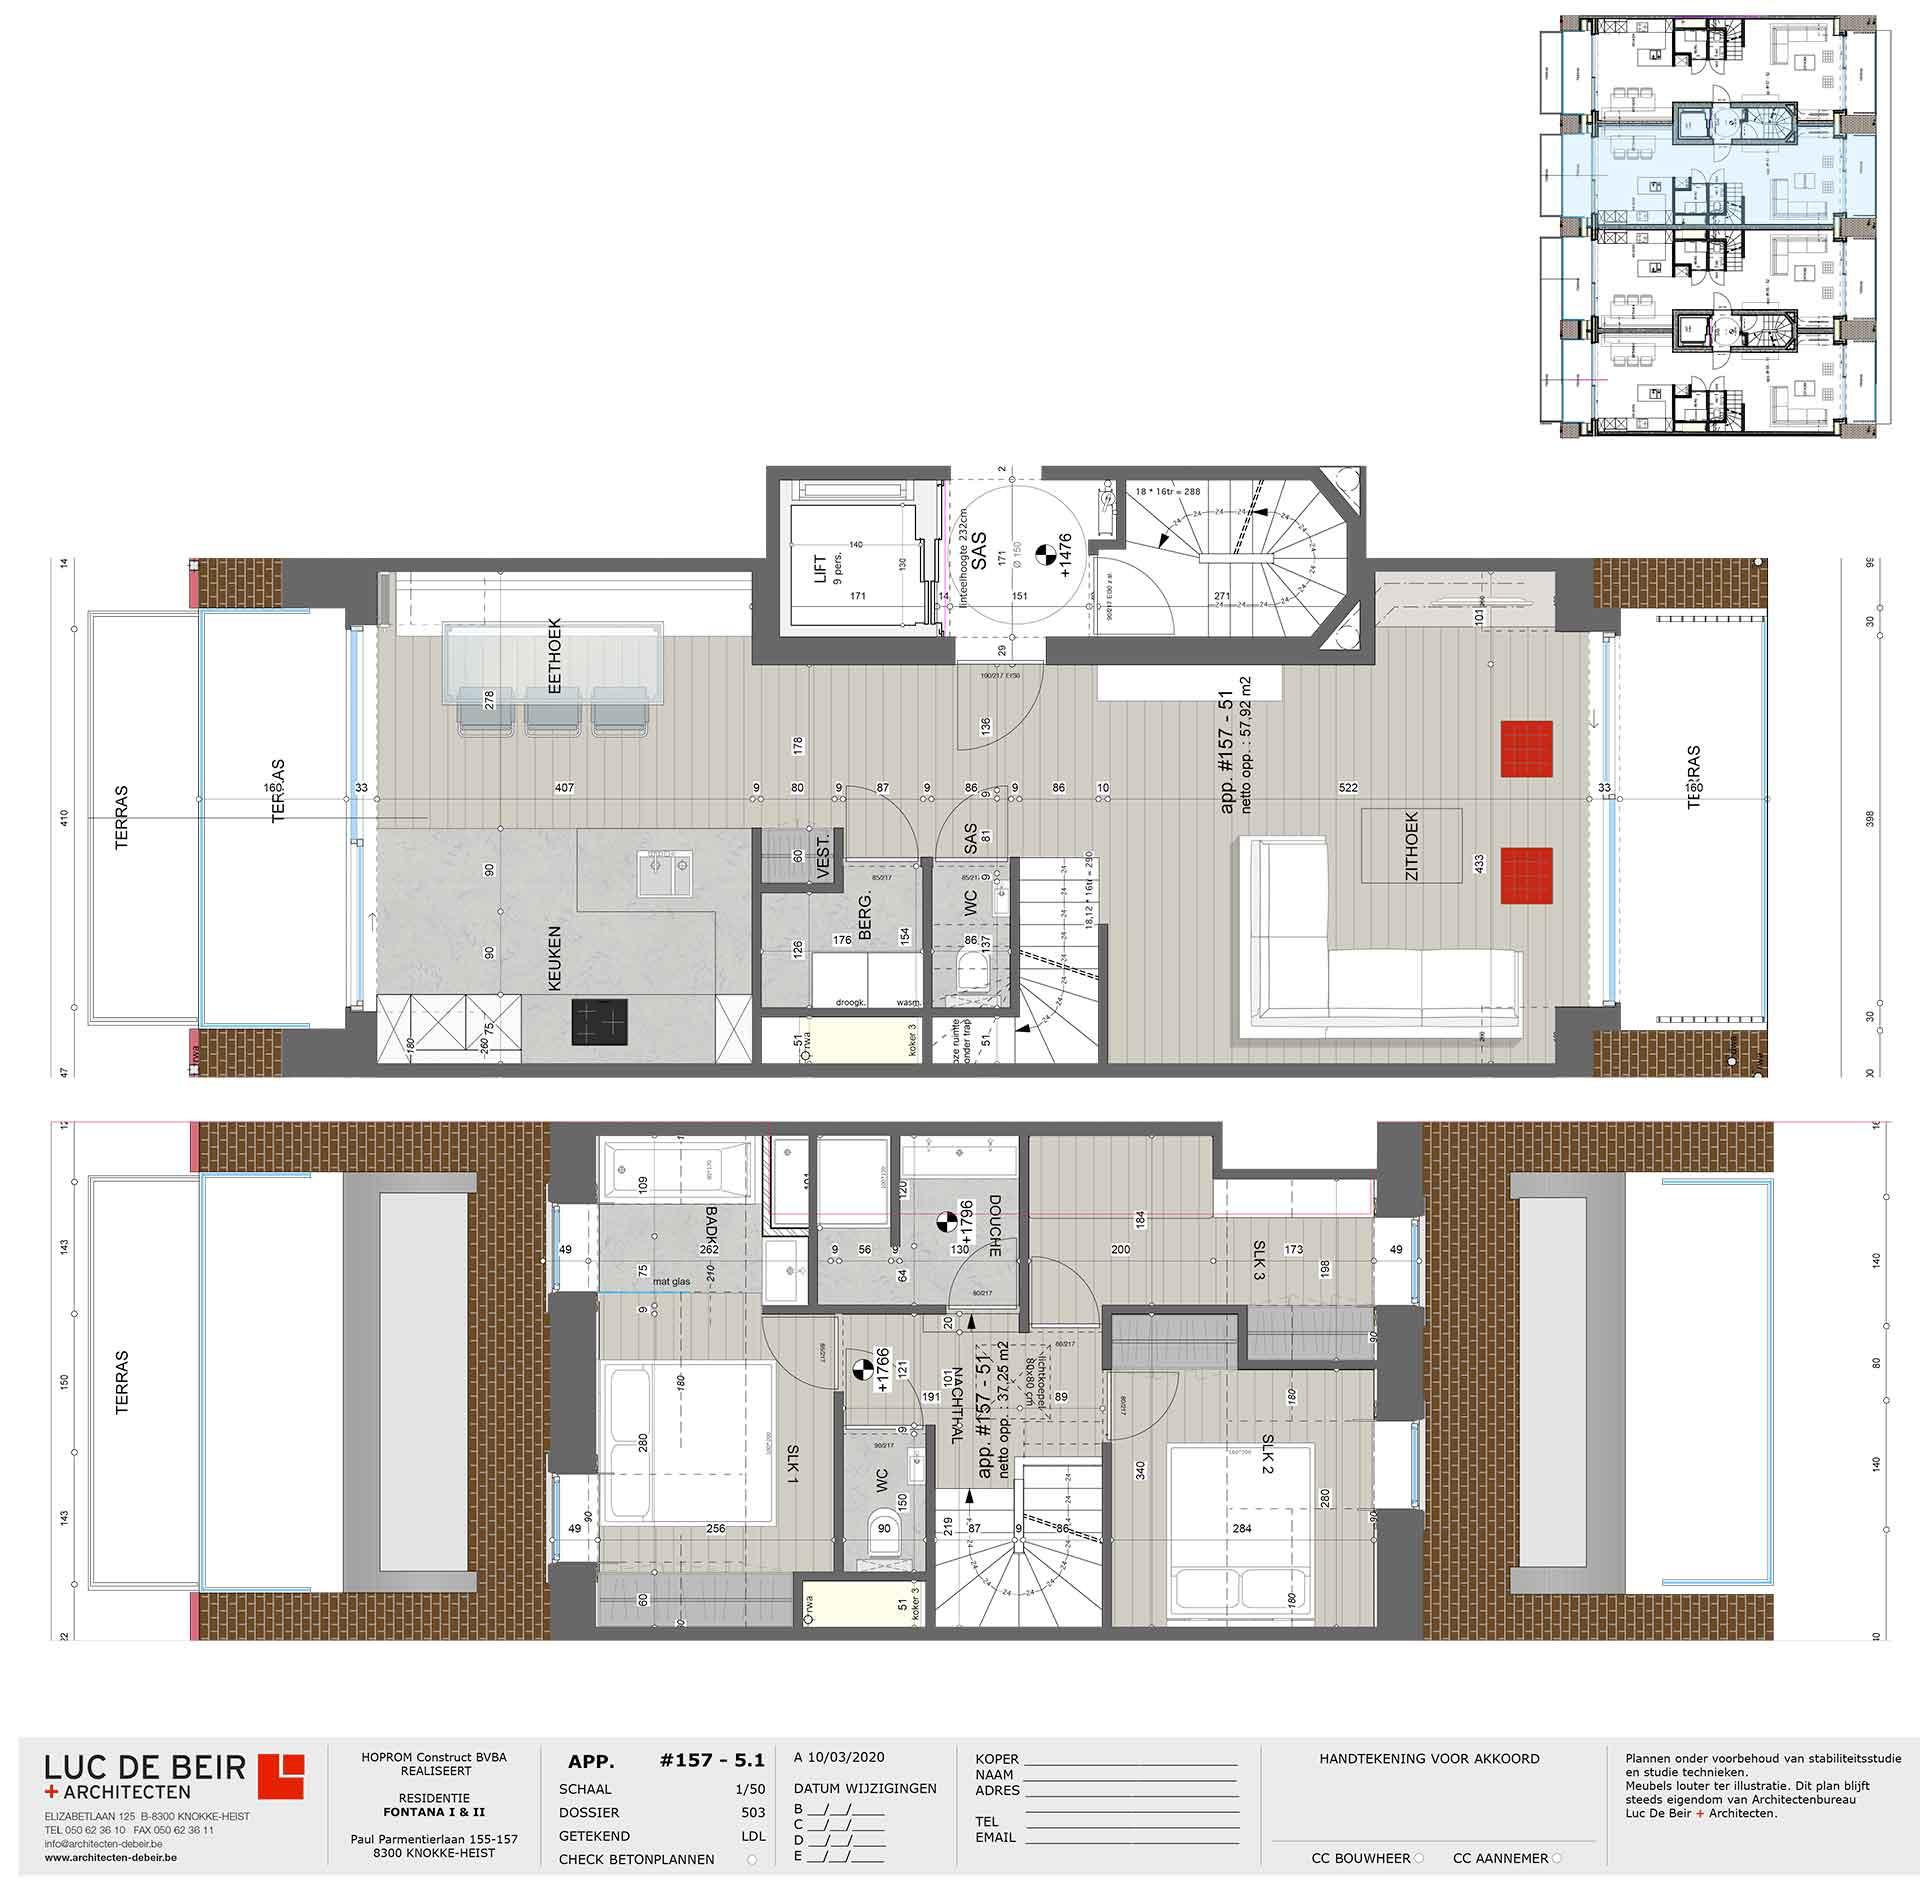 Residentie <br/> Fontana - image residentie-fontana-appartement-te-koop-knokke-plannen-157-51-2 on https://hoprom.be